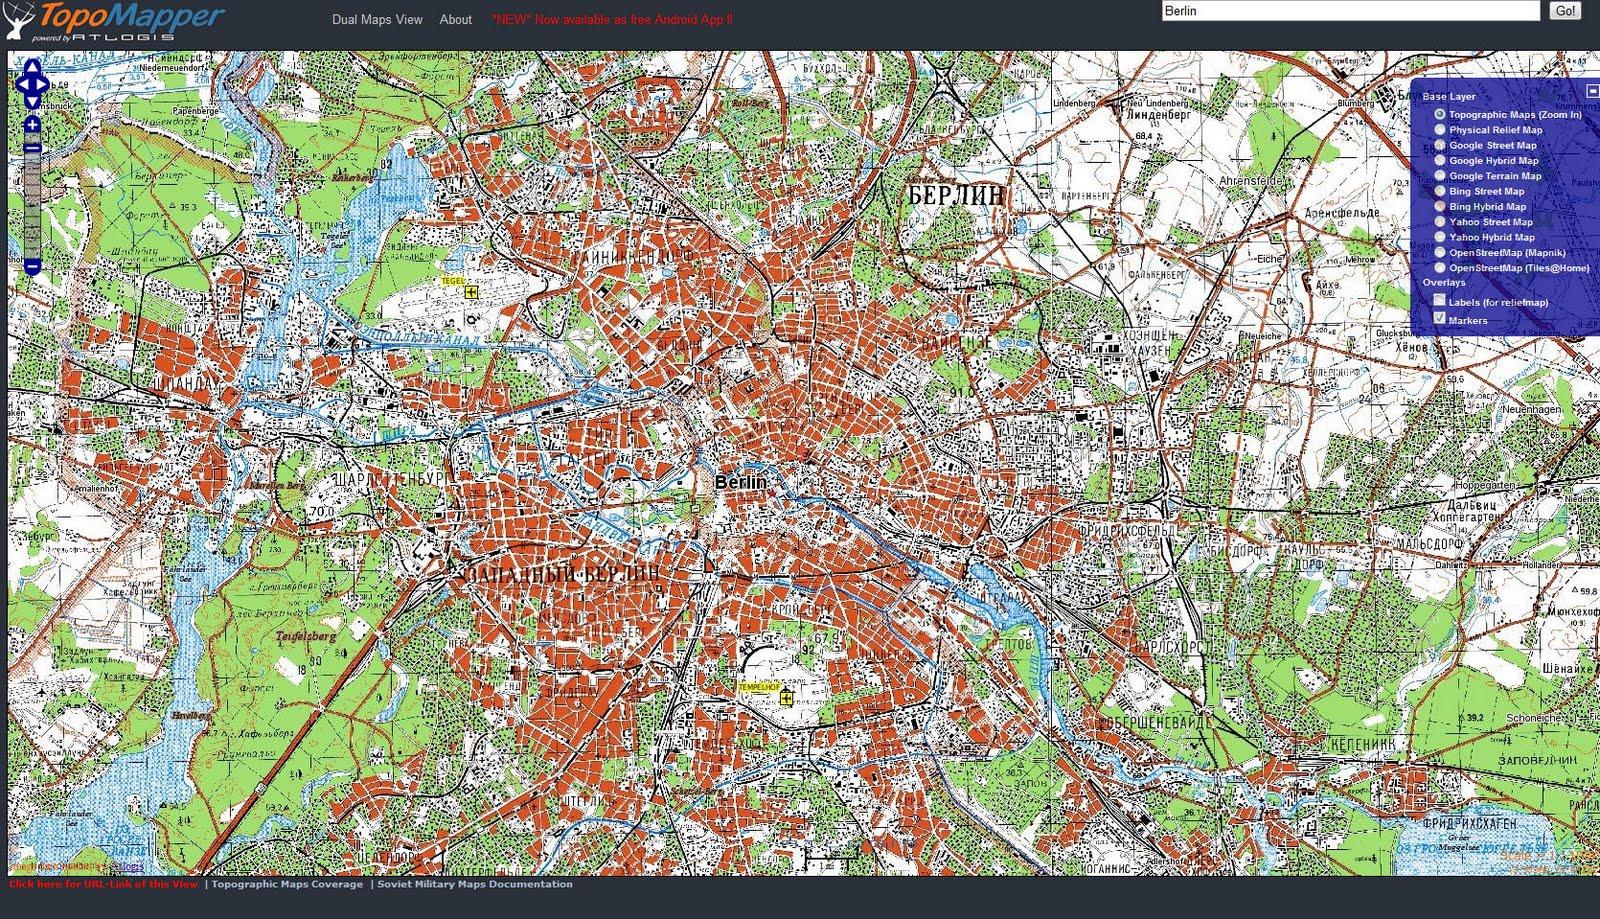 Topographische Karte Deutschland Kostenlos.Topographische Landkarten Historische Landkarten